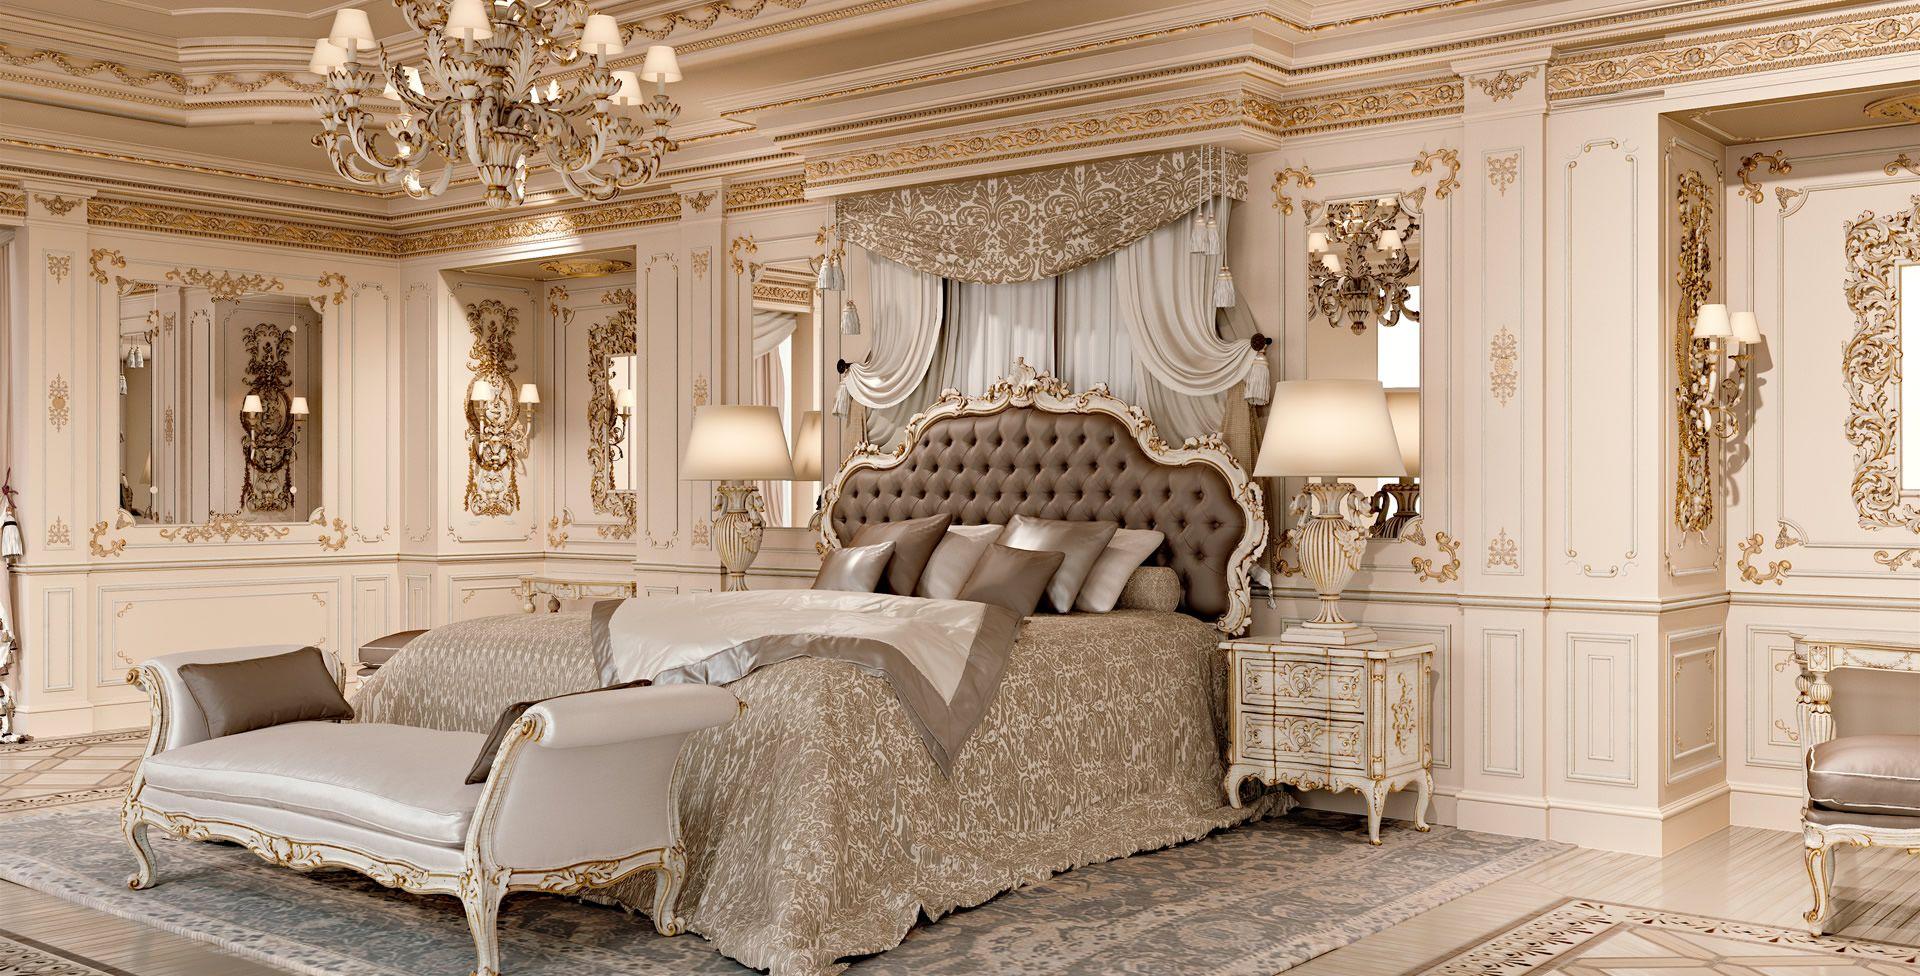 Beautiful Italian Bedroom Furniture Google Search Luxury Bedroom Design Luxurious Bedrooms Elegant Bedroom Luxury italian bedroom furniture